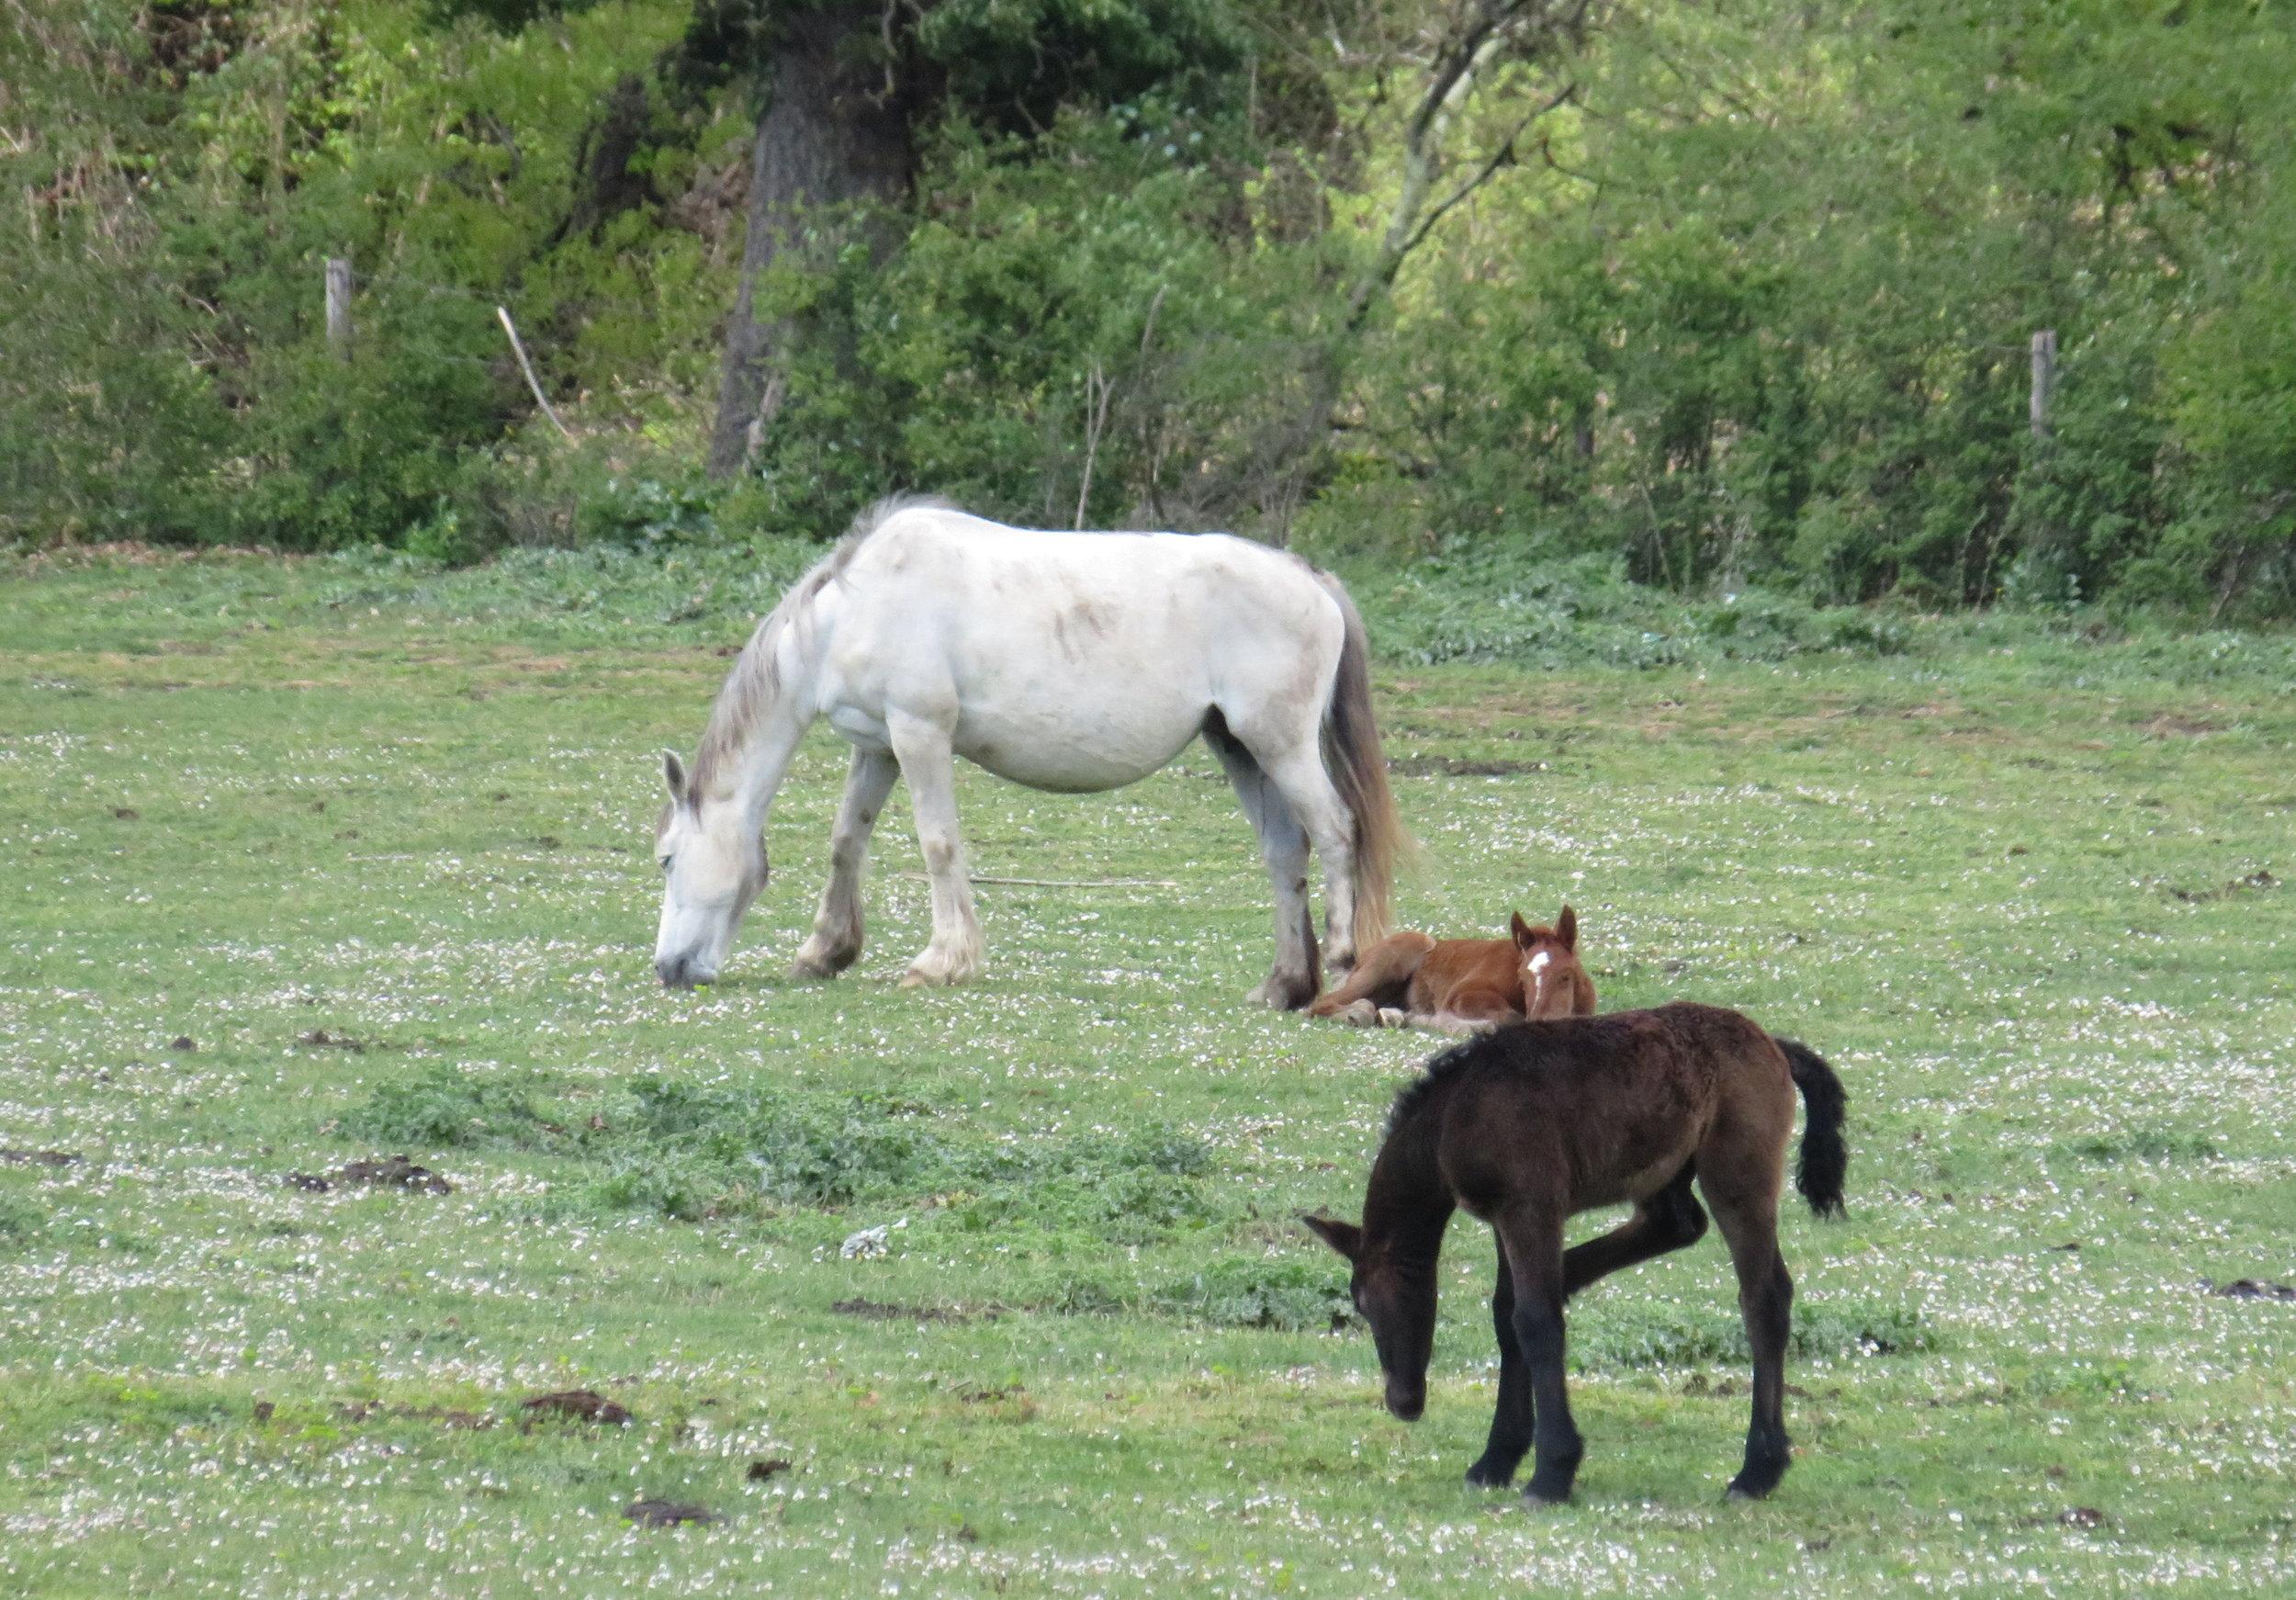 Spring foals